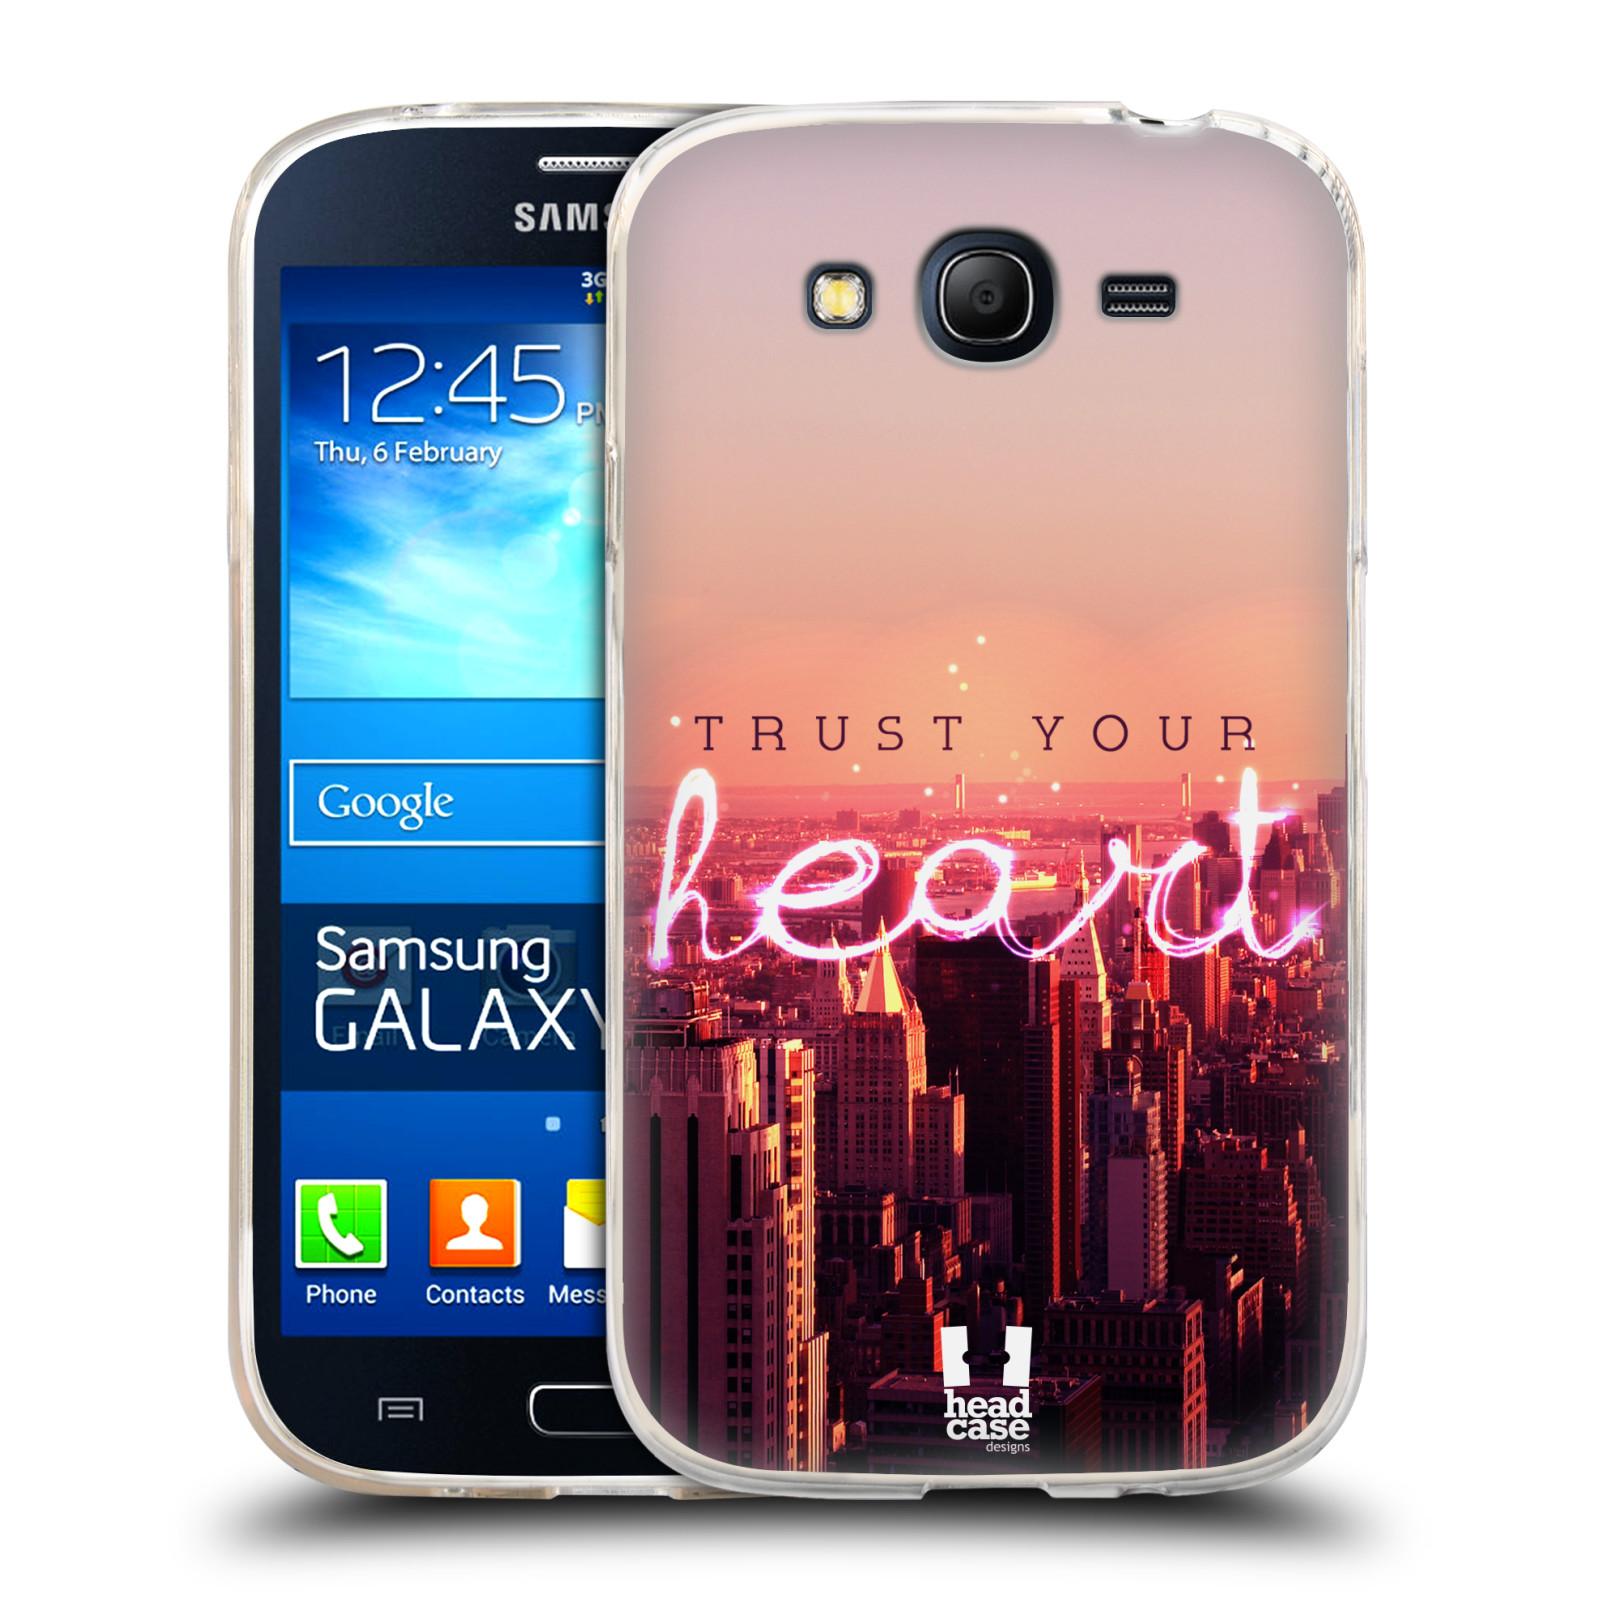 Silikonové pouzdro na mobil Samsung Galaxy Grand Neo HEAD CASE TRUST YOUR HEART (Silikonový kryt či obal na mobilní telefon Samsung Galaxy Grand Neo GT-I9060)